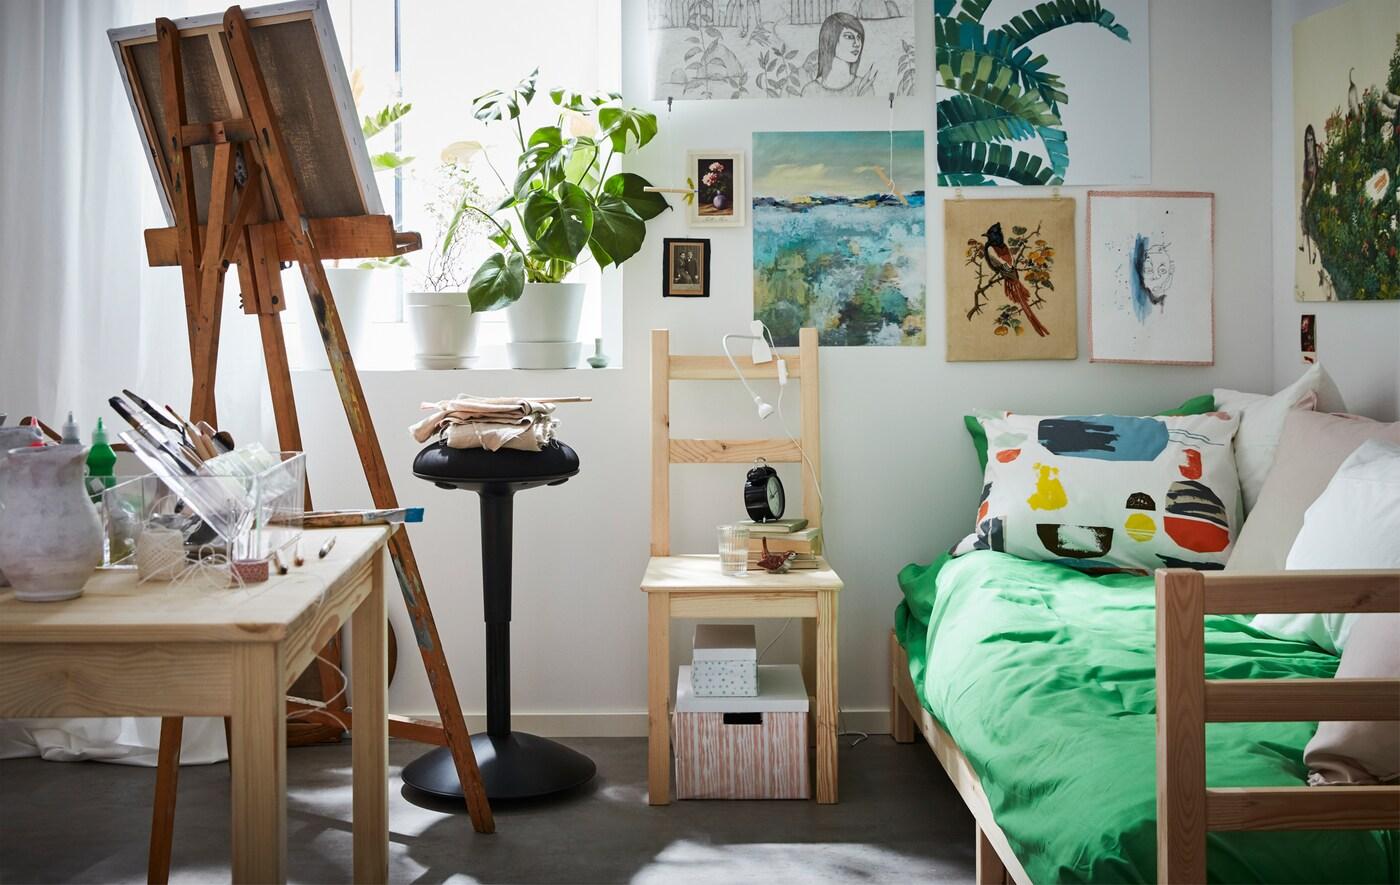 Selvom dit kollegieværelse nok er helt enkelt, når du først indretter det, kan du stadigvæk lade din kreativitet skinne igennem. IKEA har tilbehør til kollegieværelser, f.eks. sengetøj, belysning og masser af bokse og tidsskriftssamlere, så du kan få orden i dine ting.